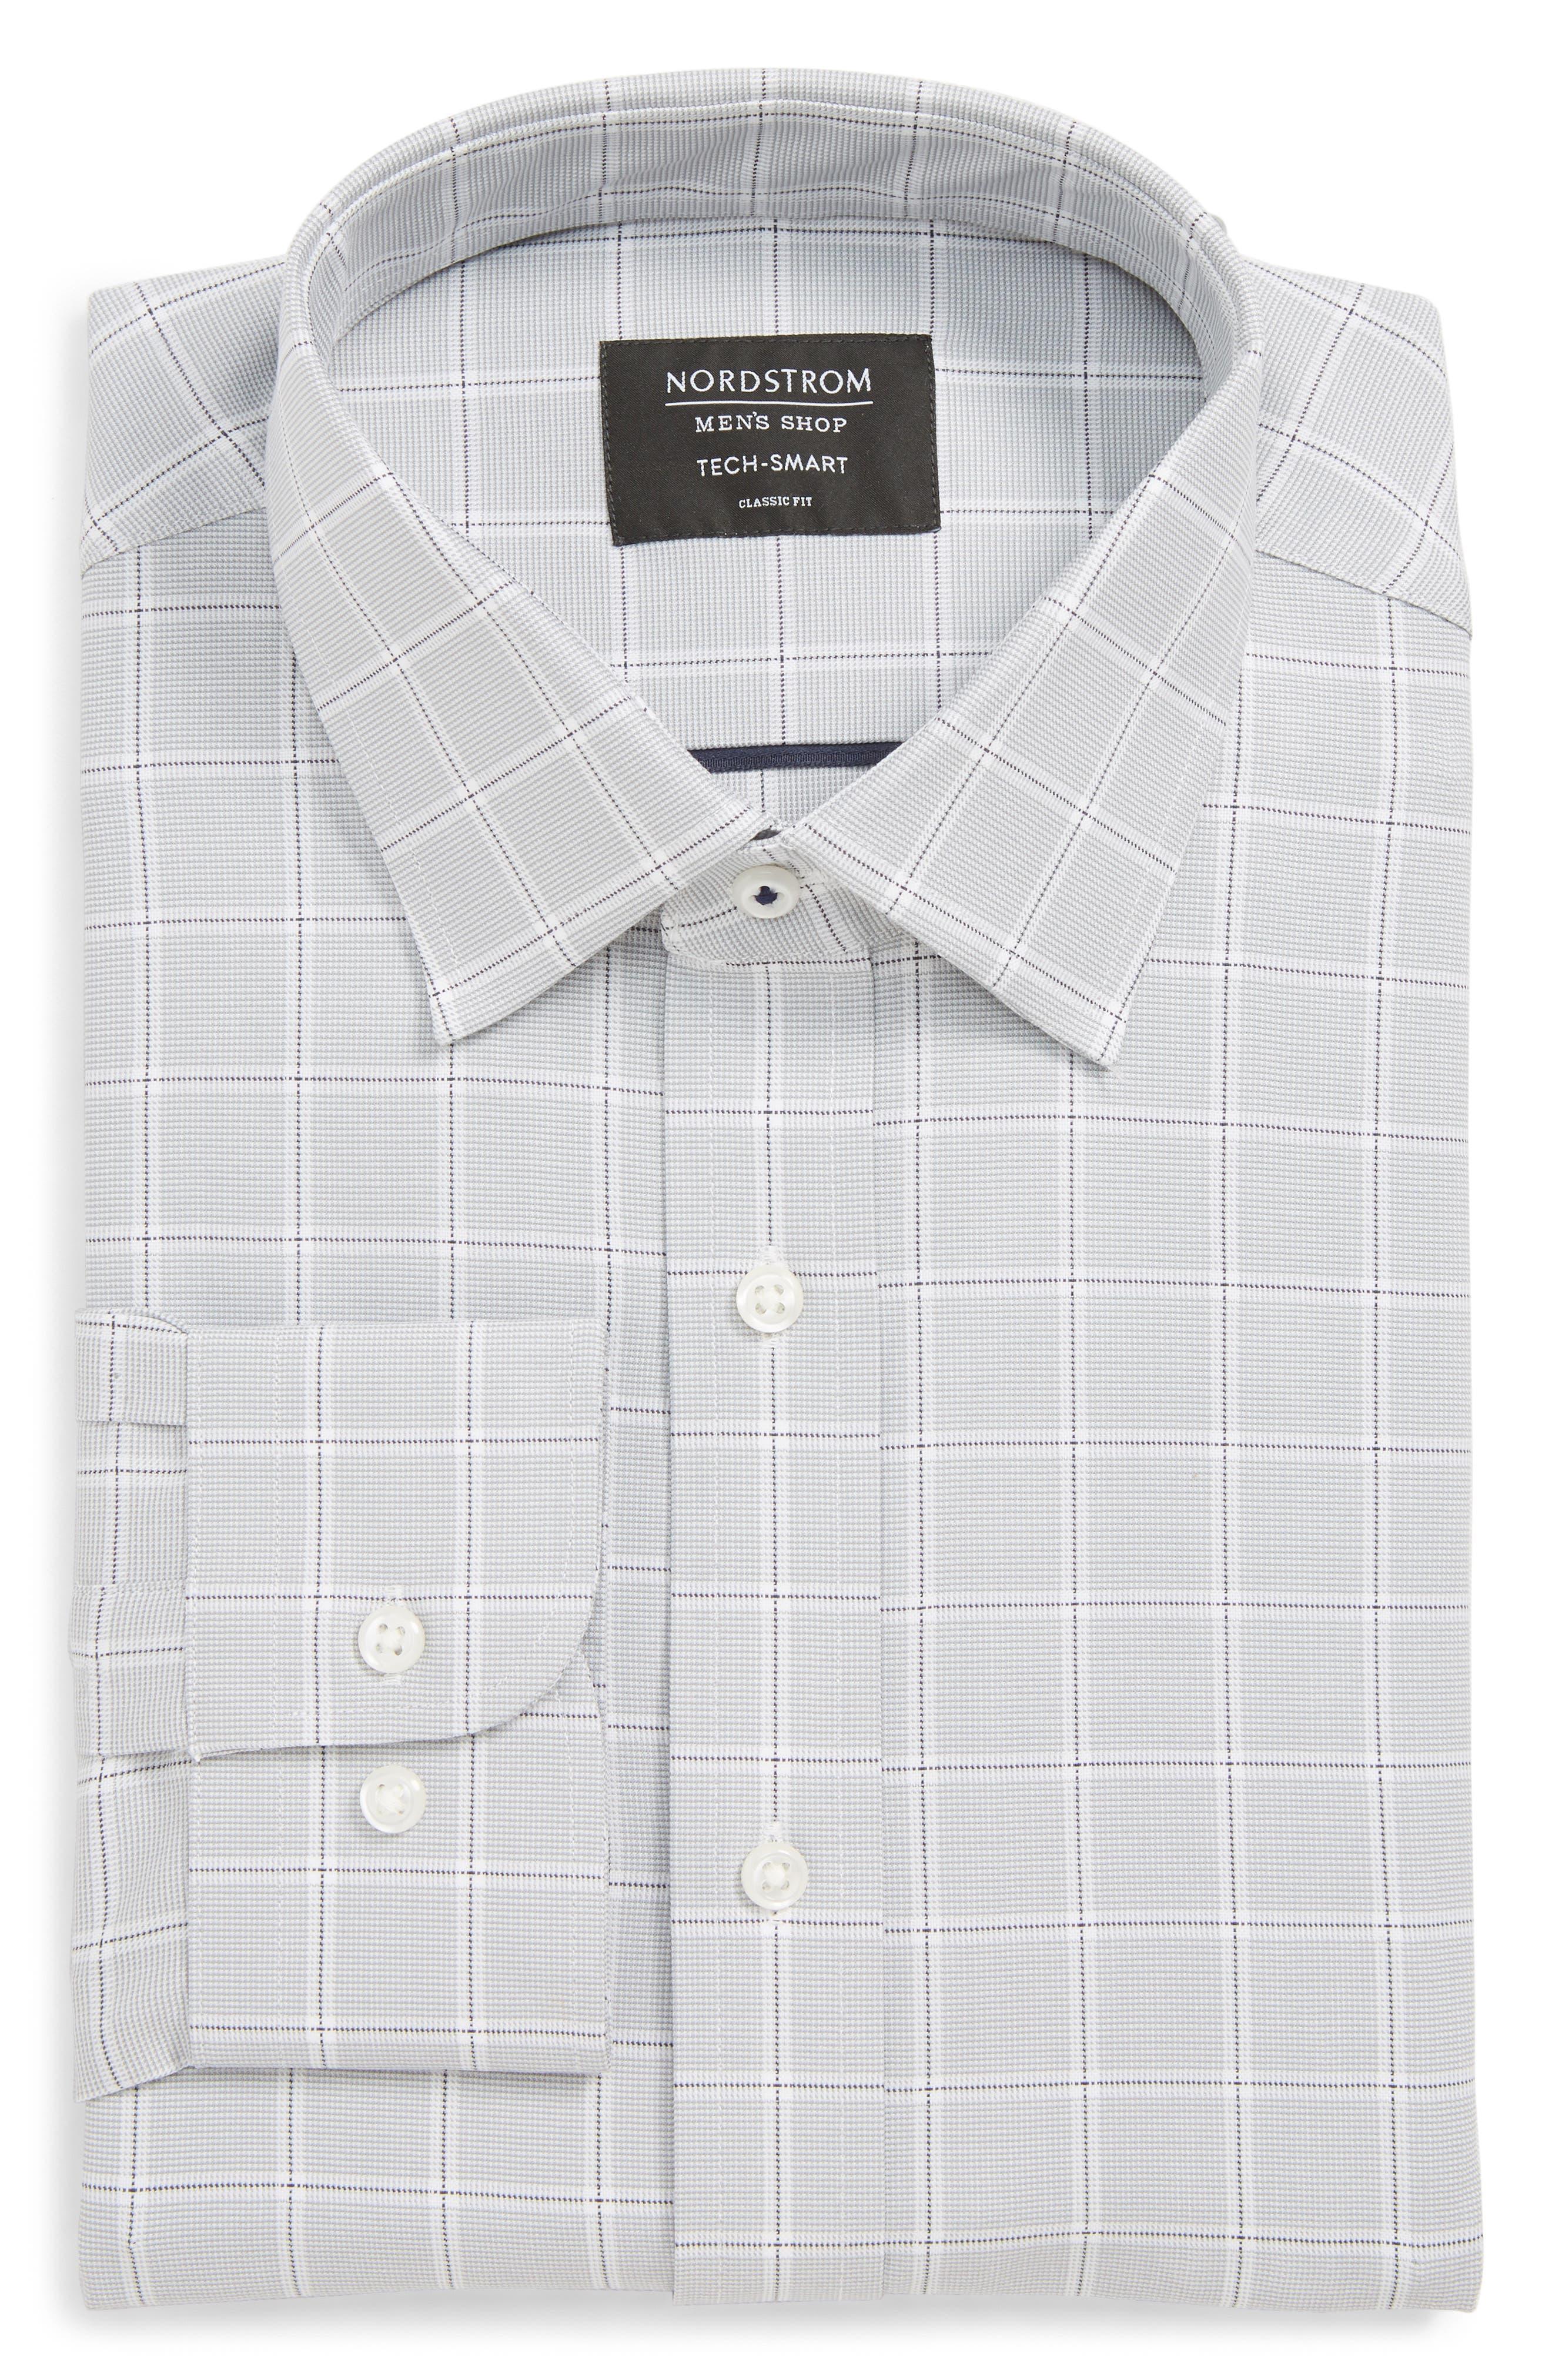 NORDSTROM MEN'S SHOP Tech-Smart Classic Fit Stretch Check Dress Shirt, Main, color, 050